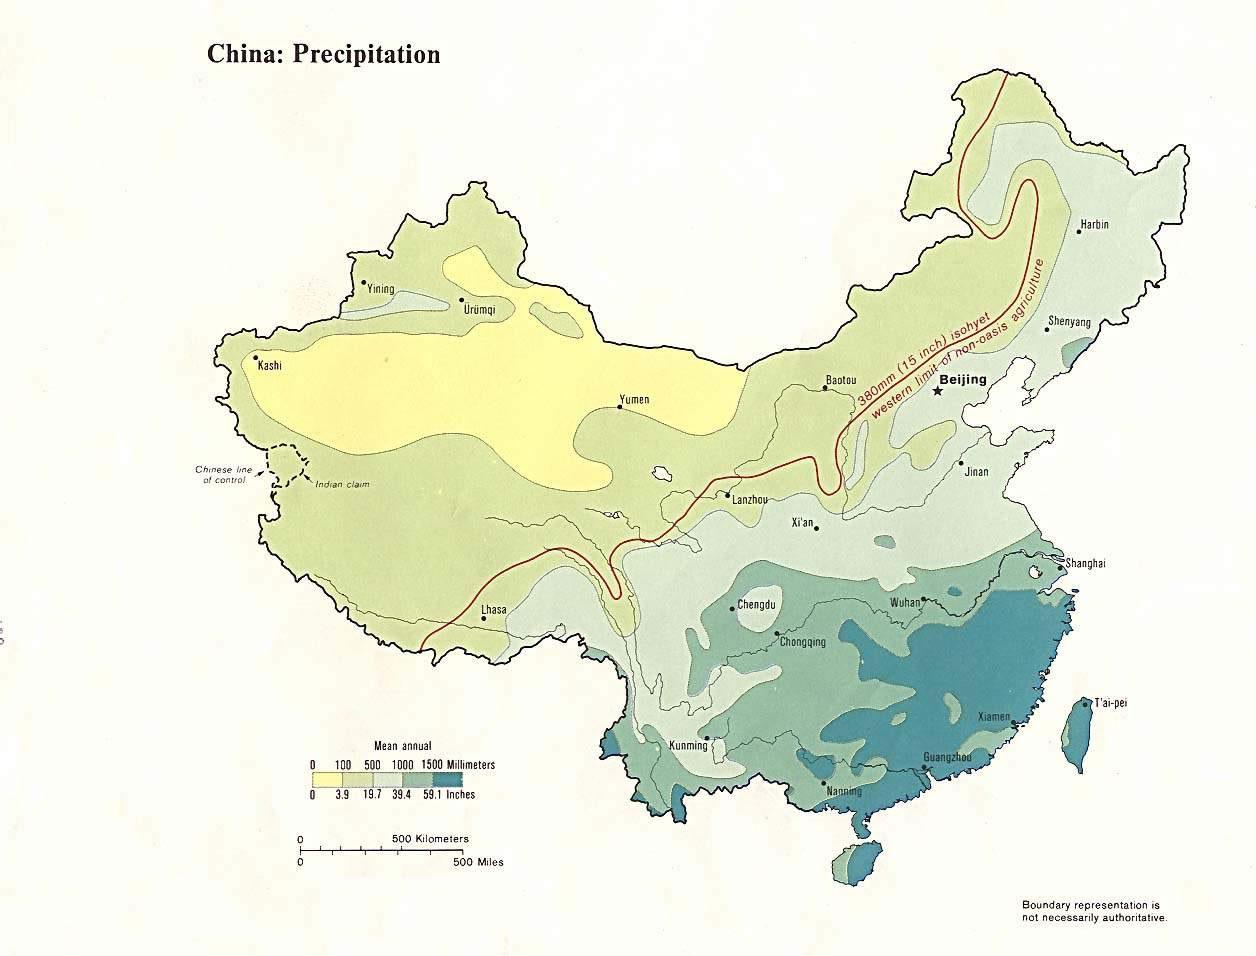 Carte Vegetation Chine.Carte Inondation Chine Carte Des Inondations De La Chine